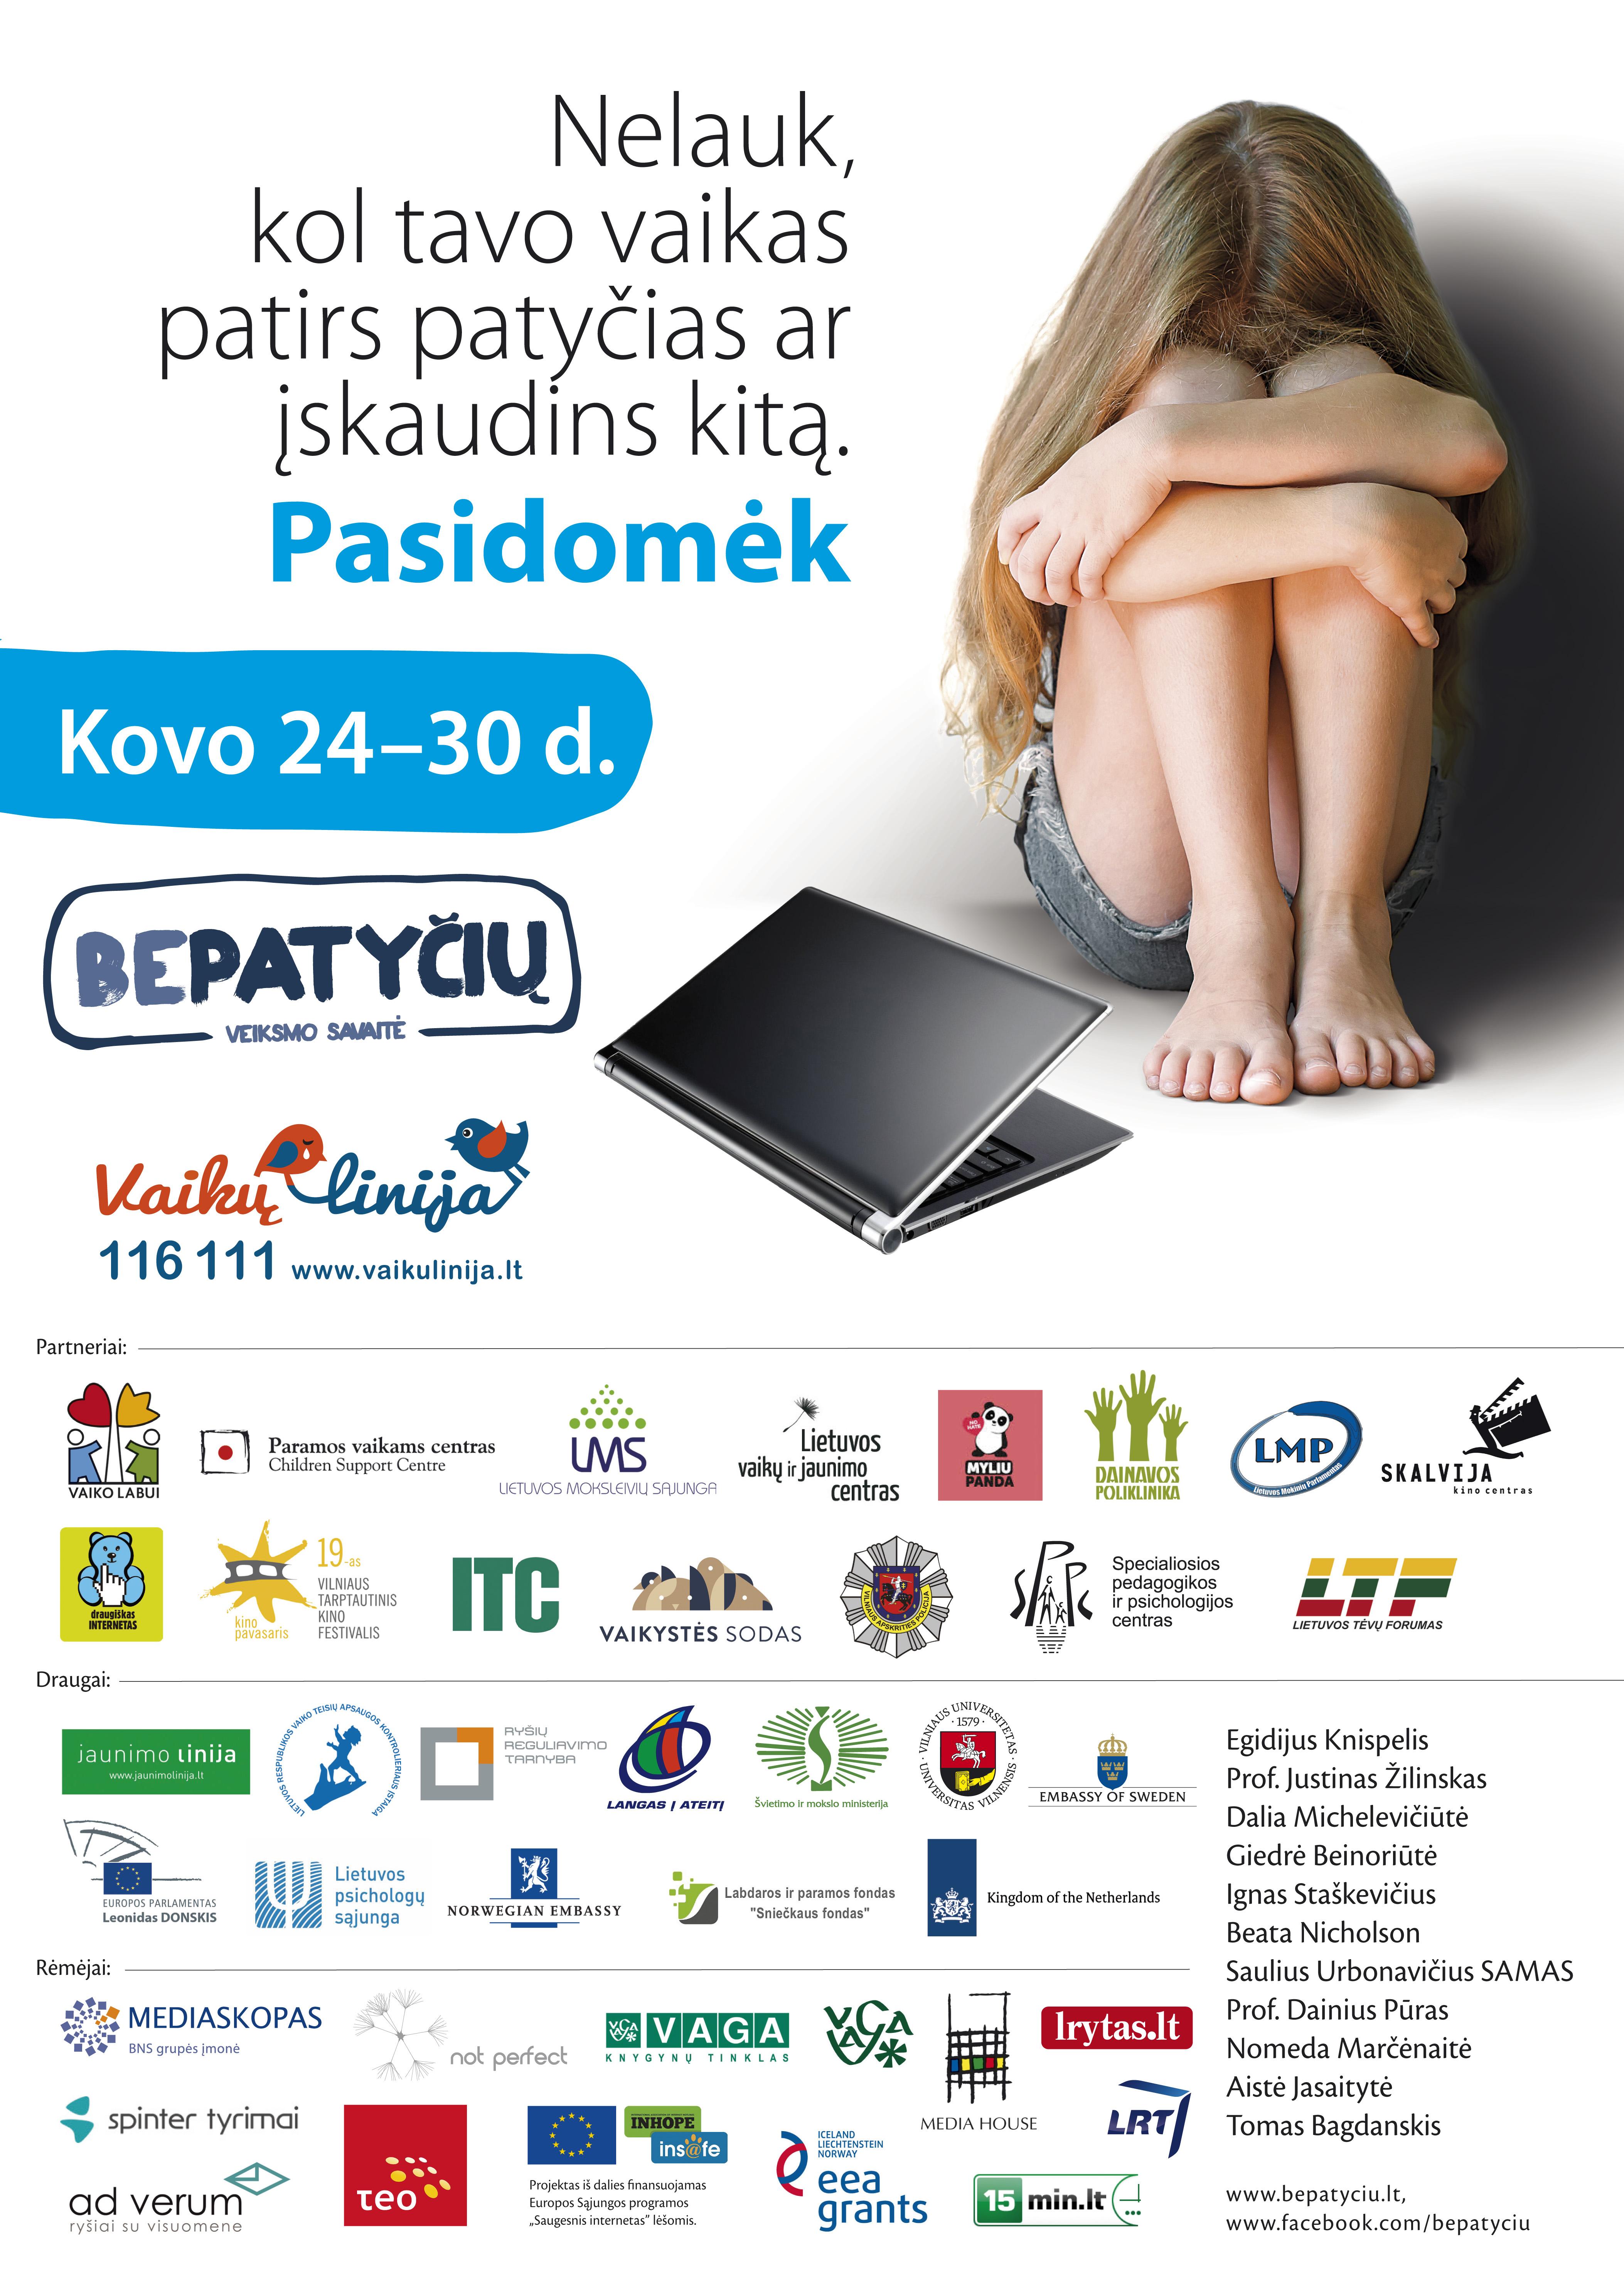 bepatyciu2014